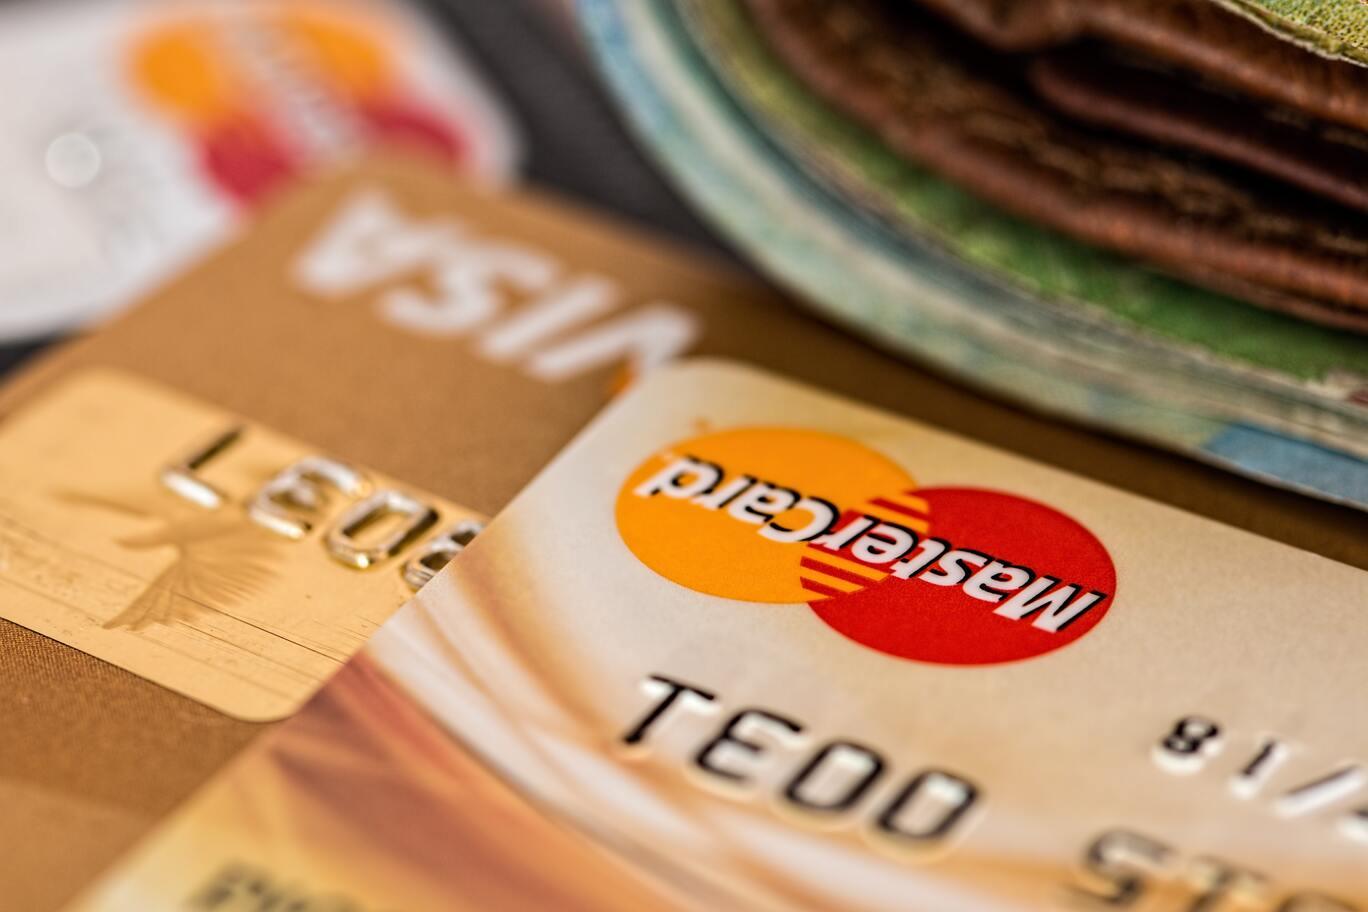 Debitarea si administrarea eficienta a contului – Invata cum sa scapi de griji